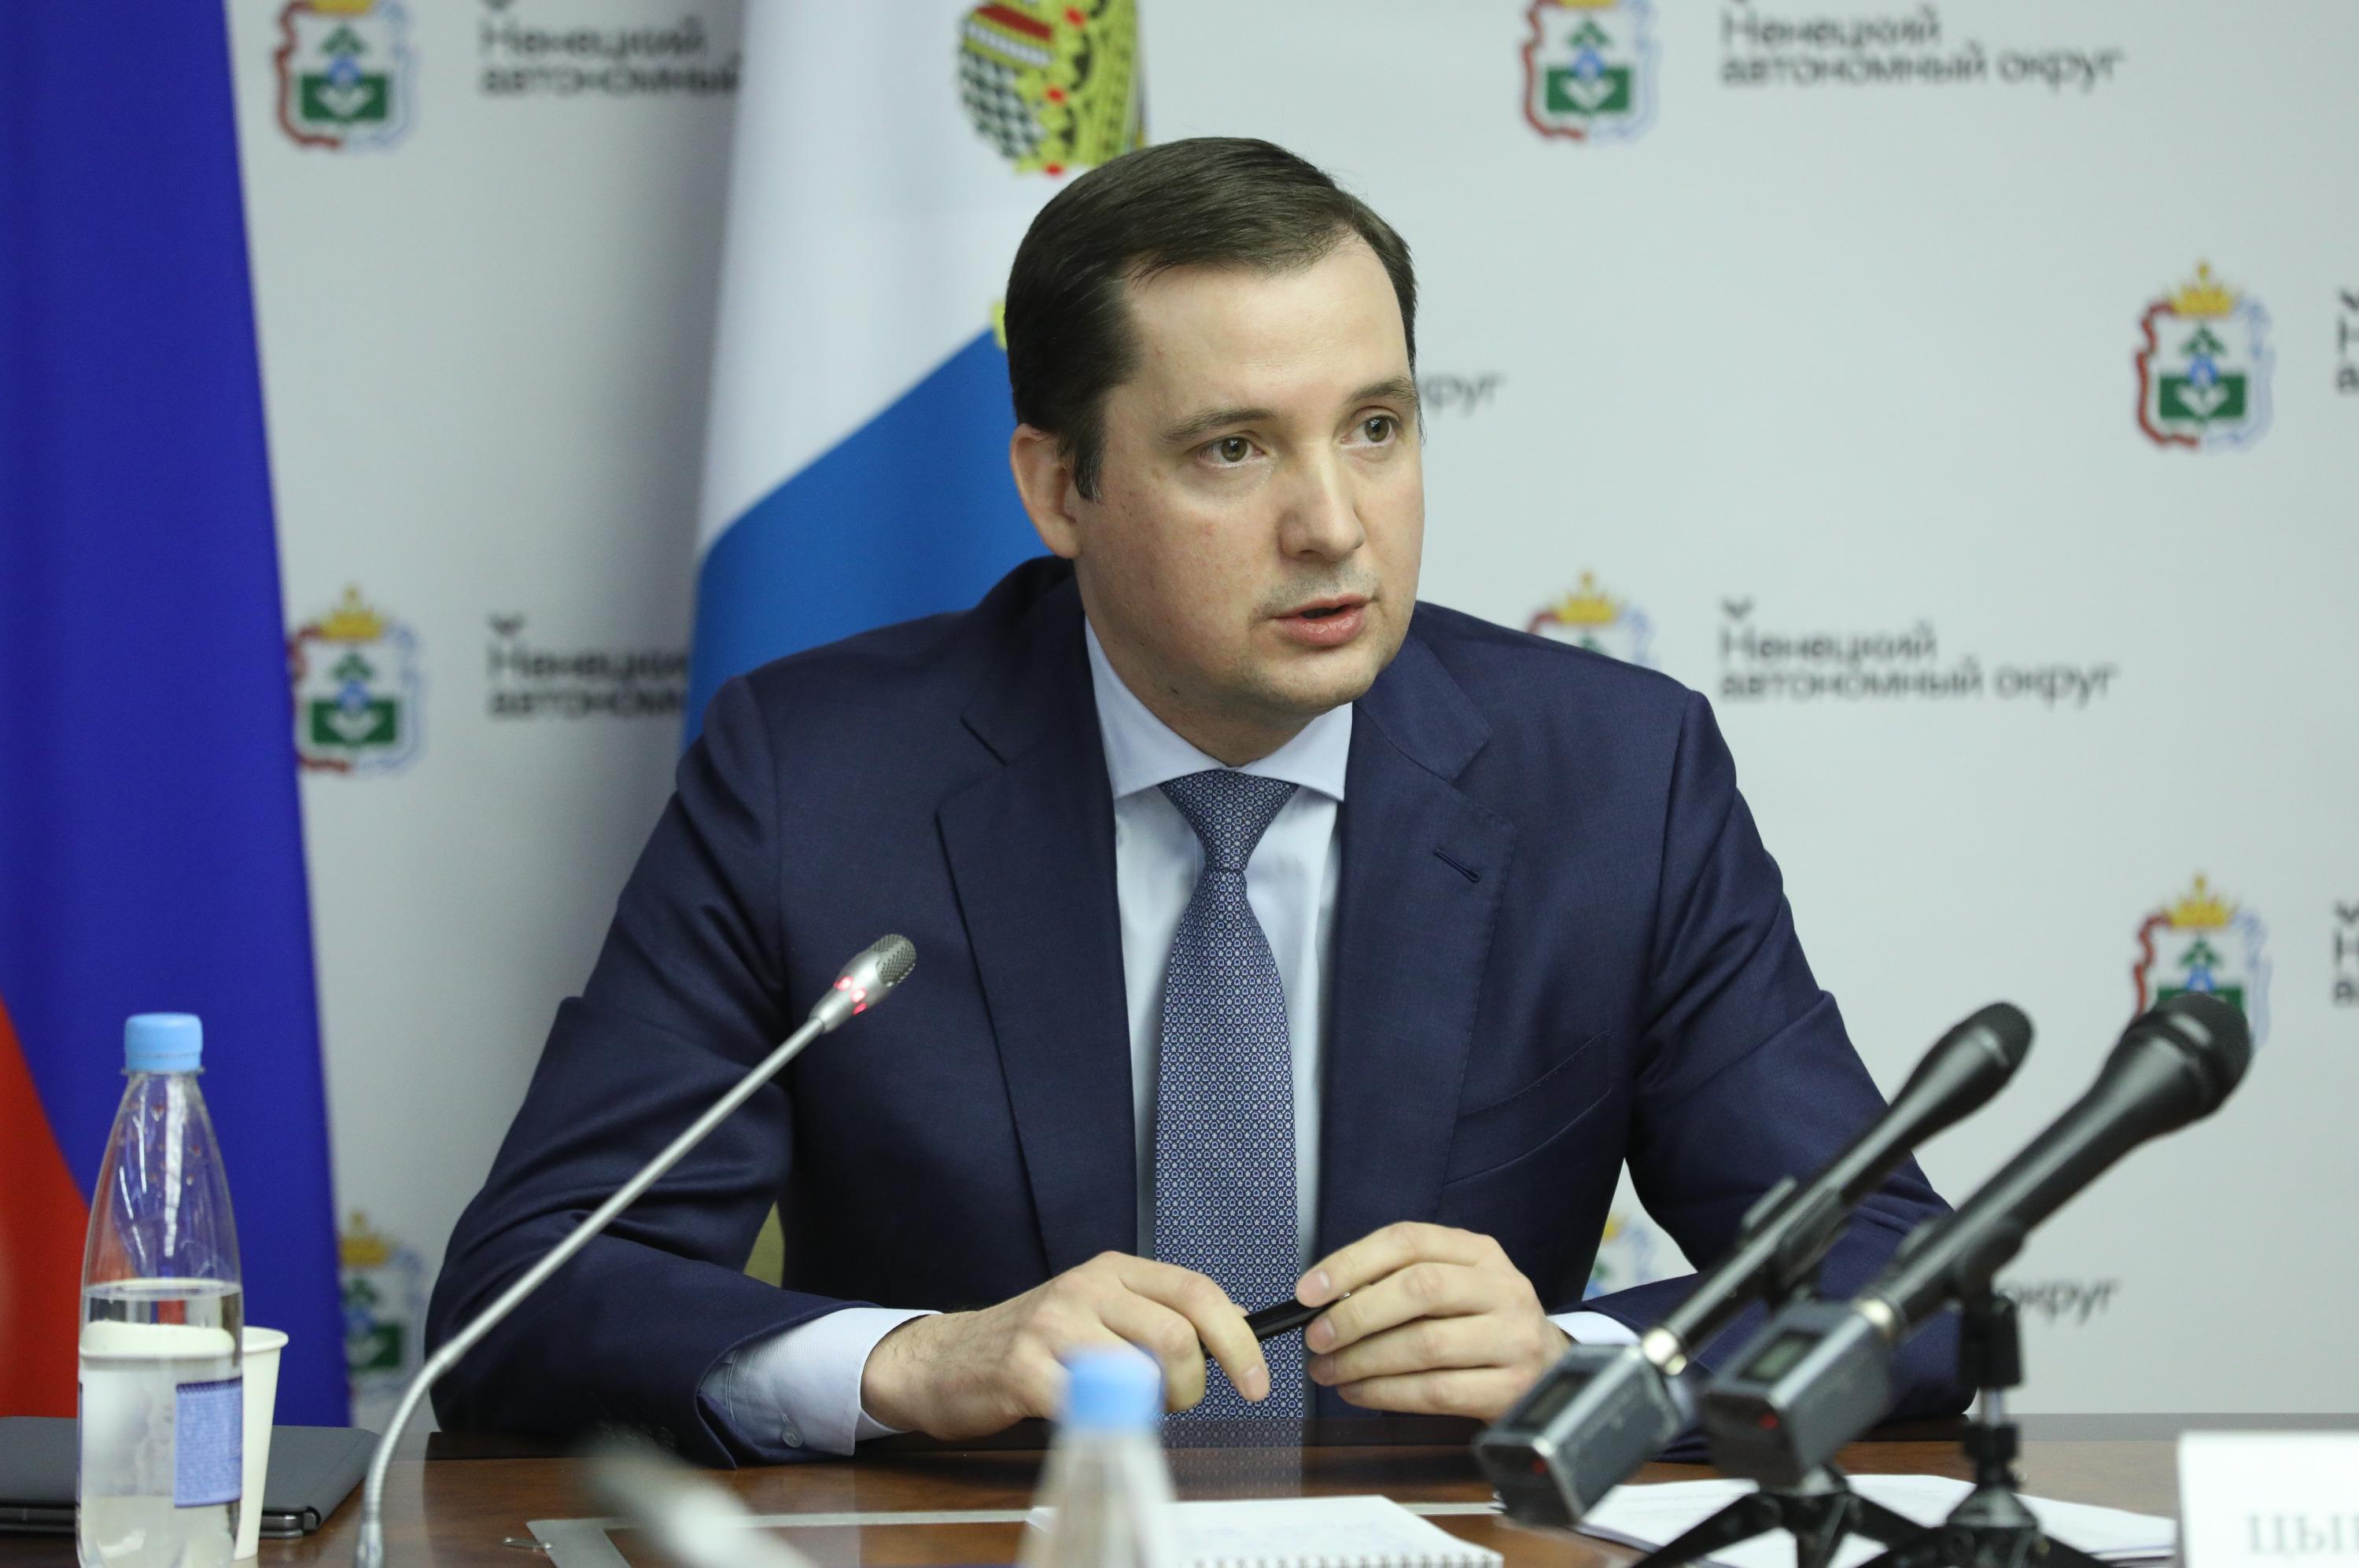 Документально закрепляется сохранение всех льгот и экономических гарантий жителям Ненецкого автономного округа